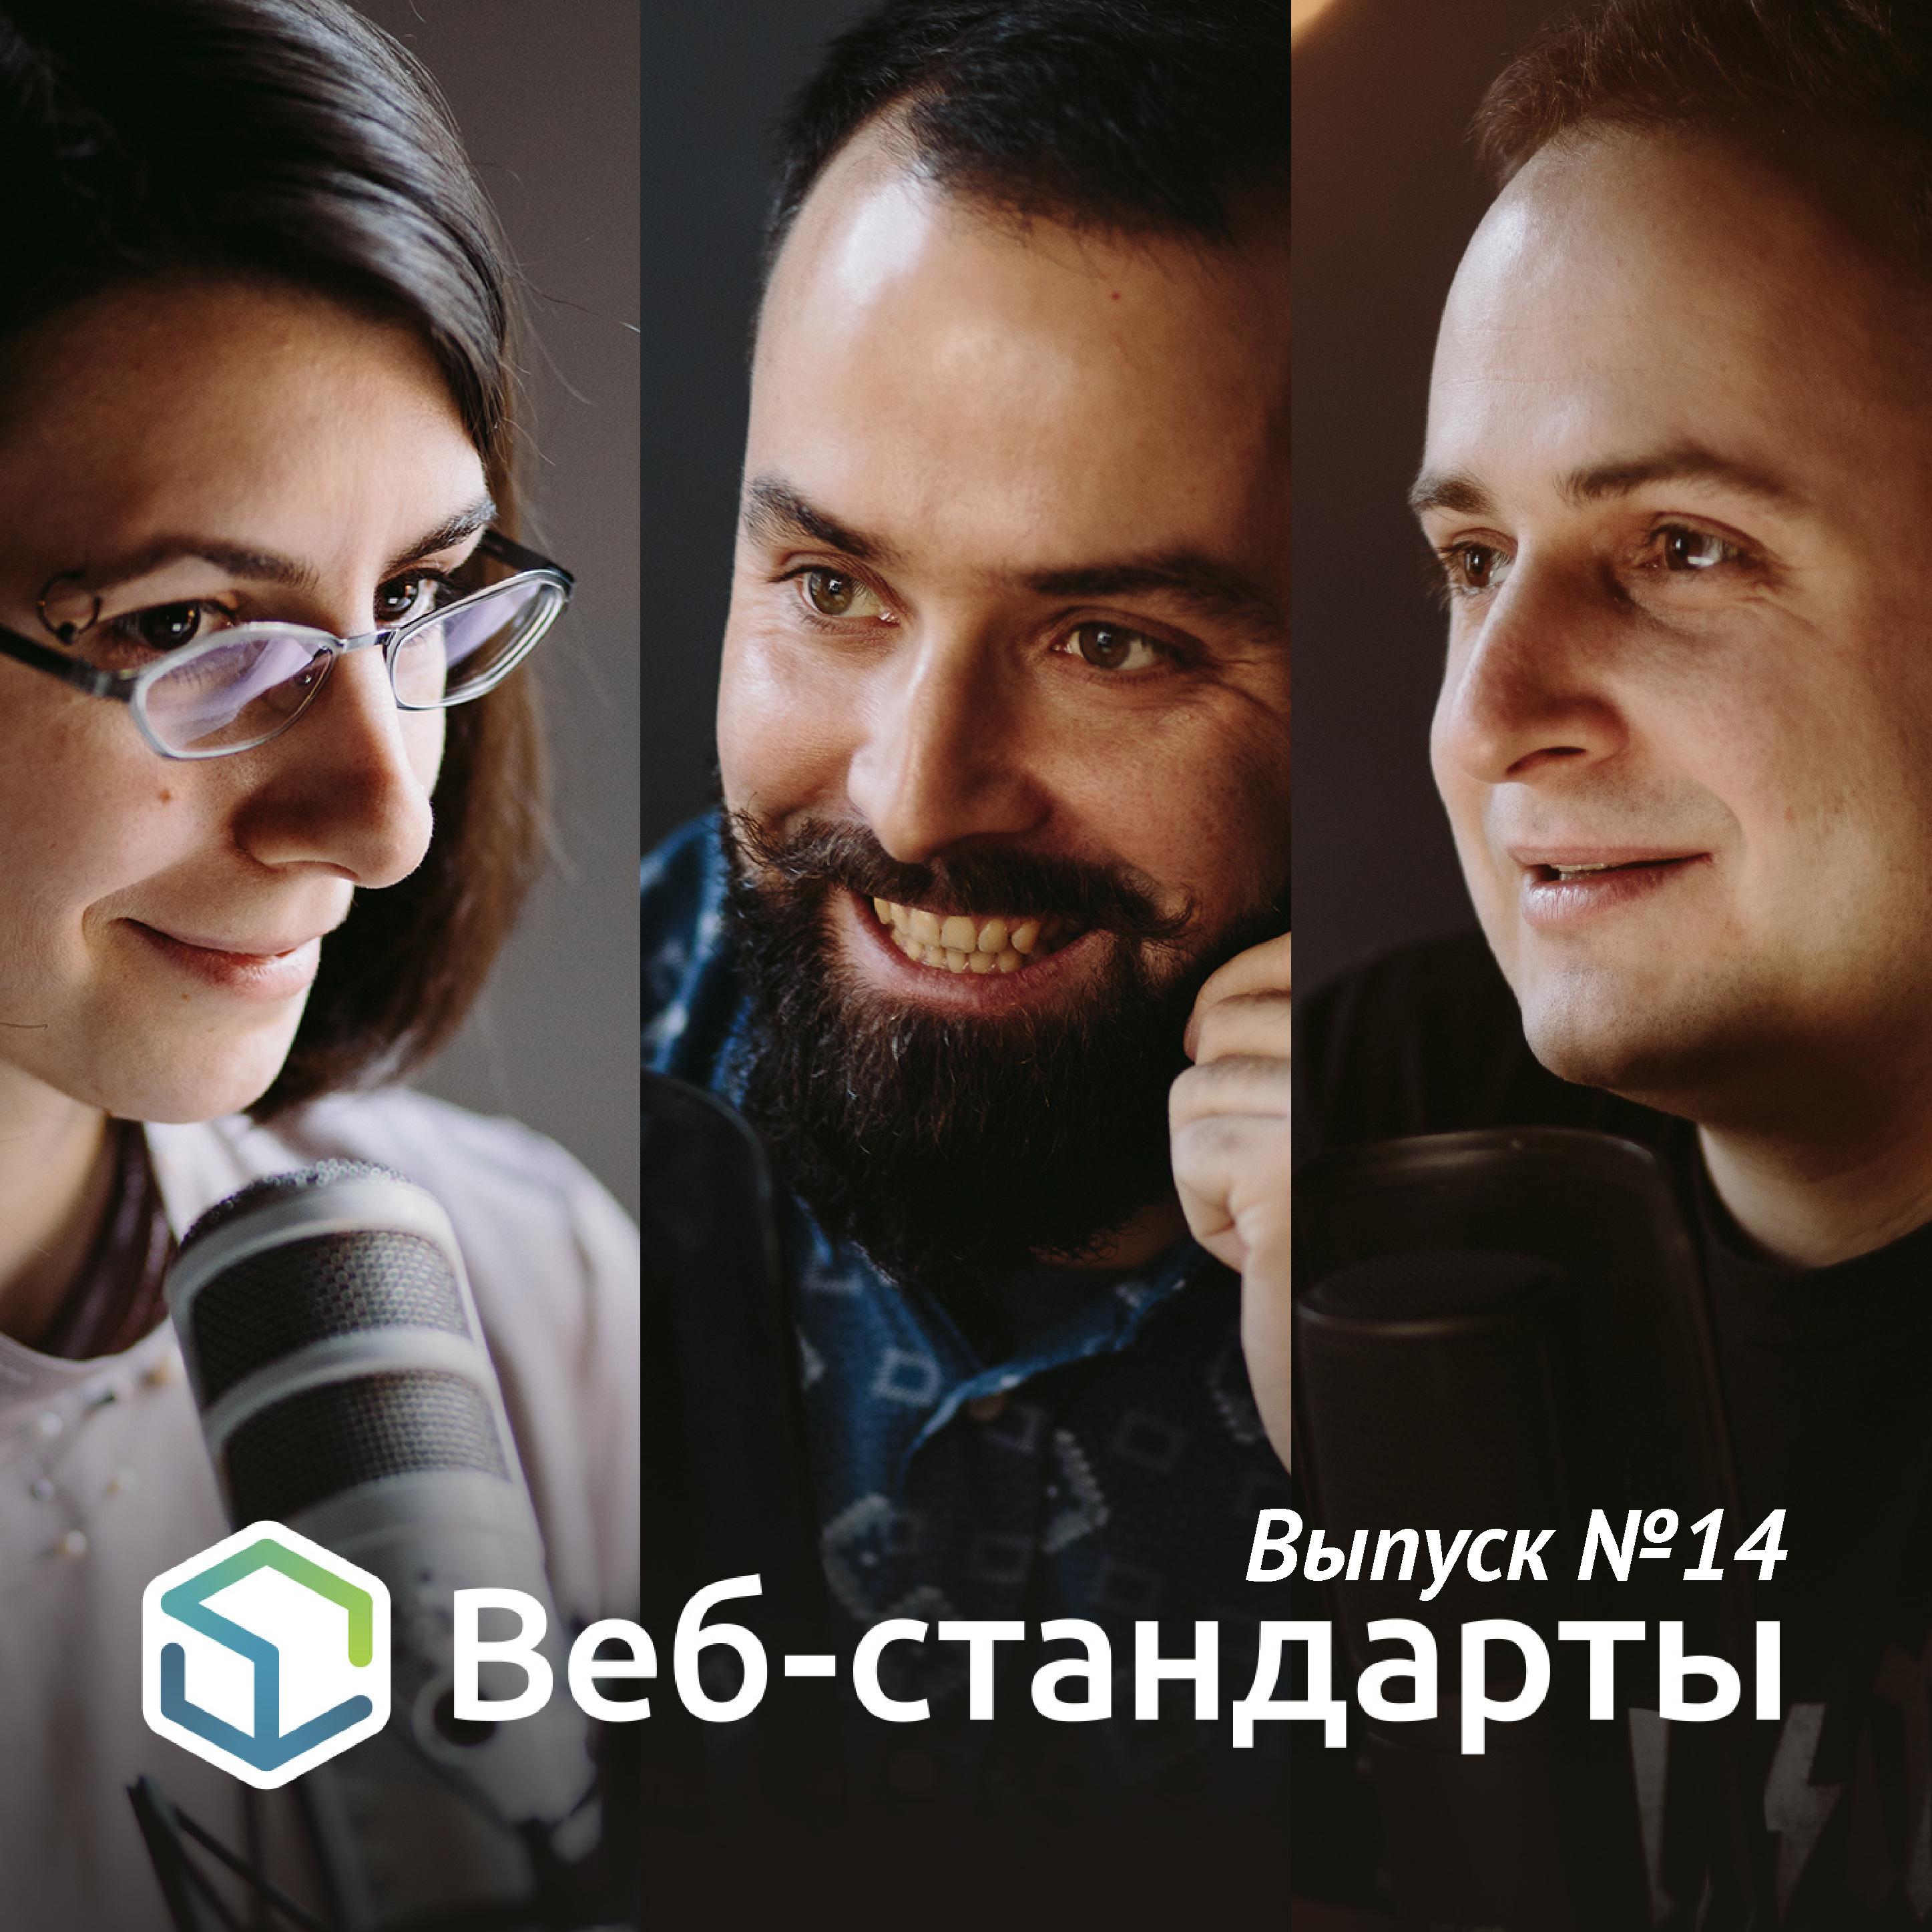 Алексей Симоненко Выпуск №14 алексей симоненко выпуск 41